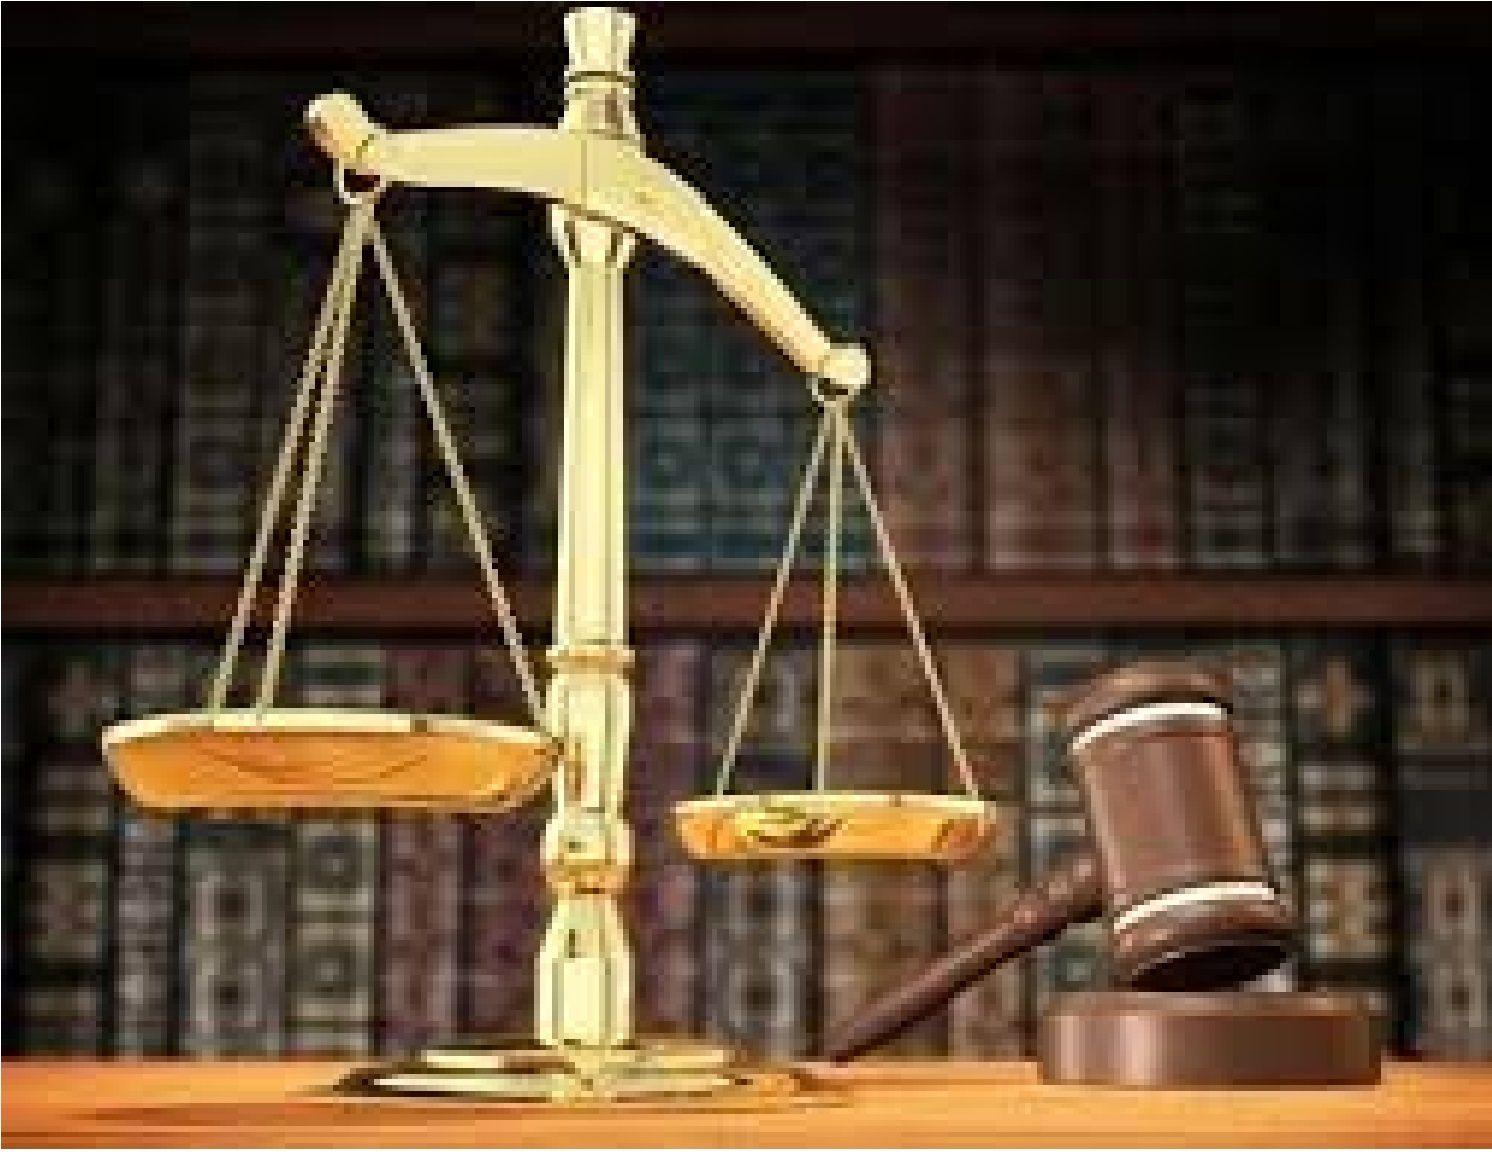 Tchad : Procès Habré - la justice fait enfin son chemin. Source: makaila.over-blog.com